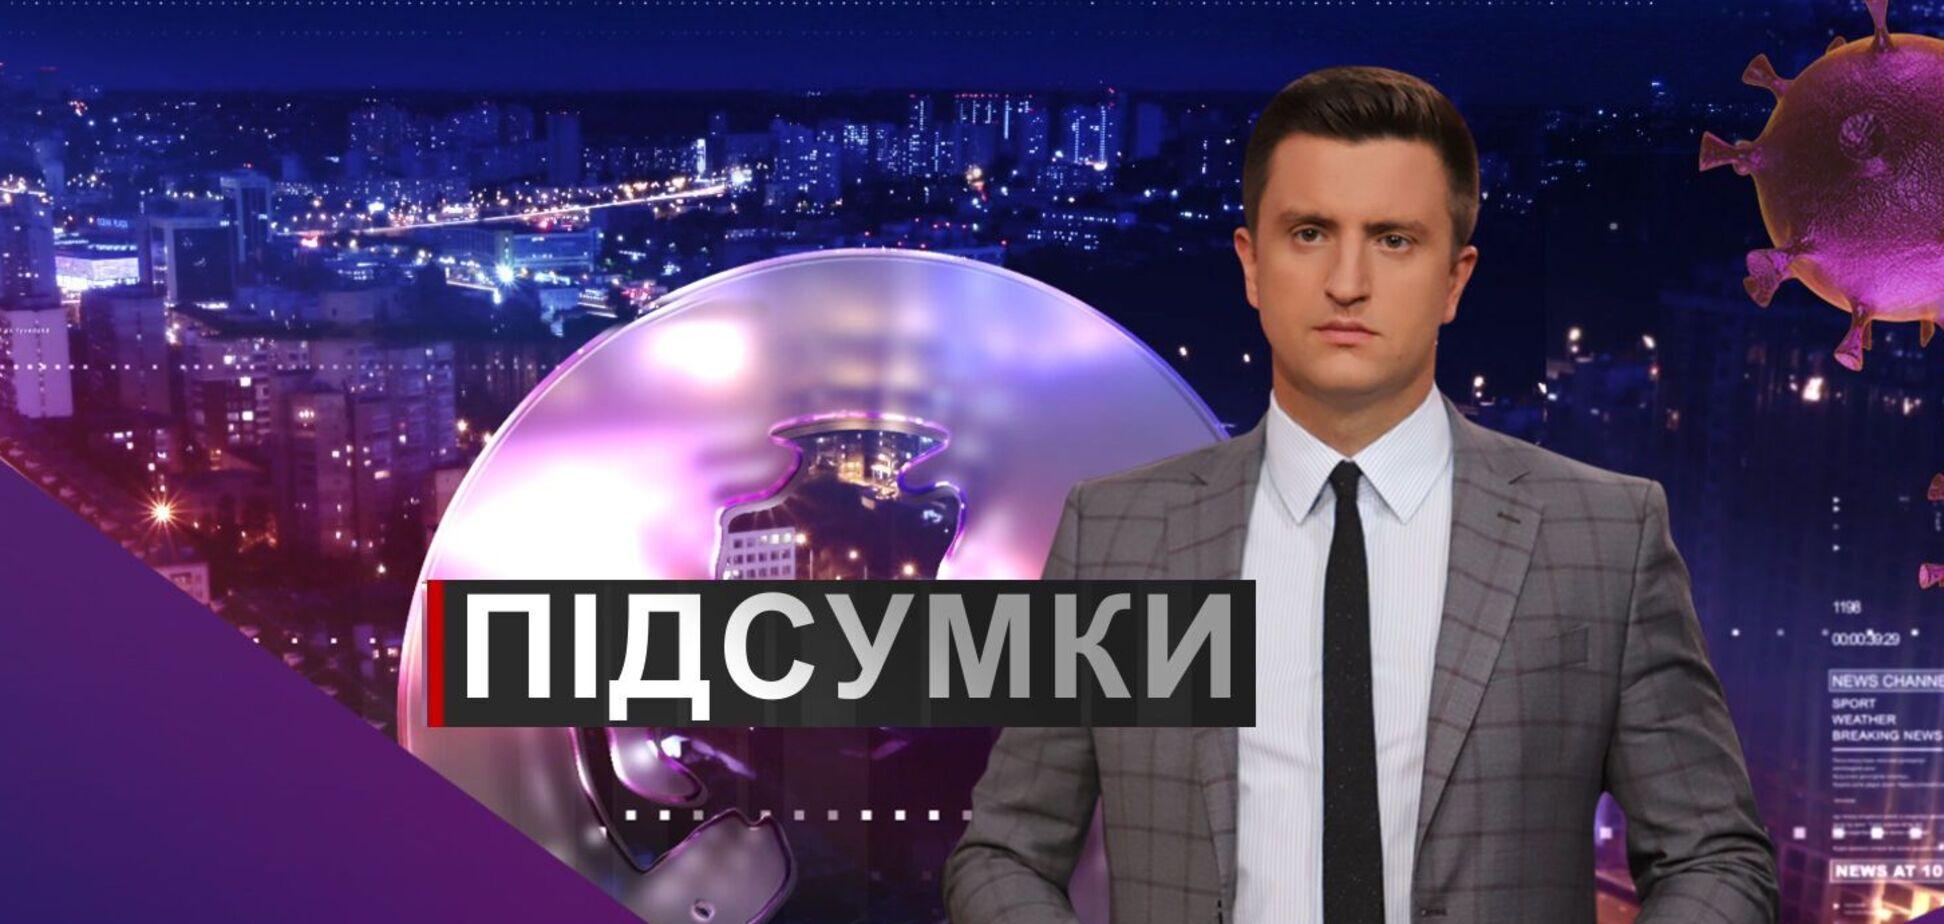 Итоги дня с Вадимом Колодийчуком. Вторник, 16 февраля